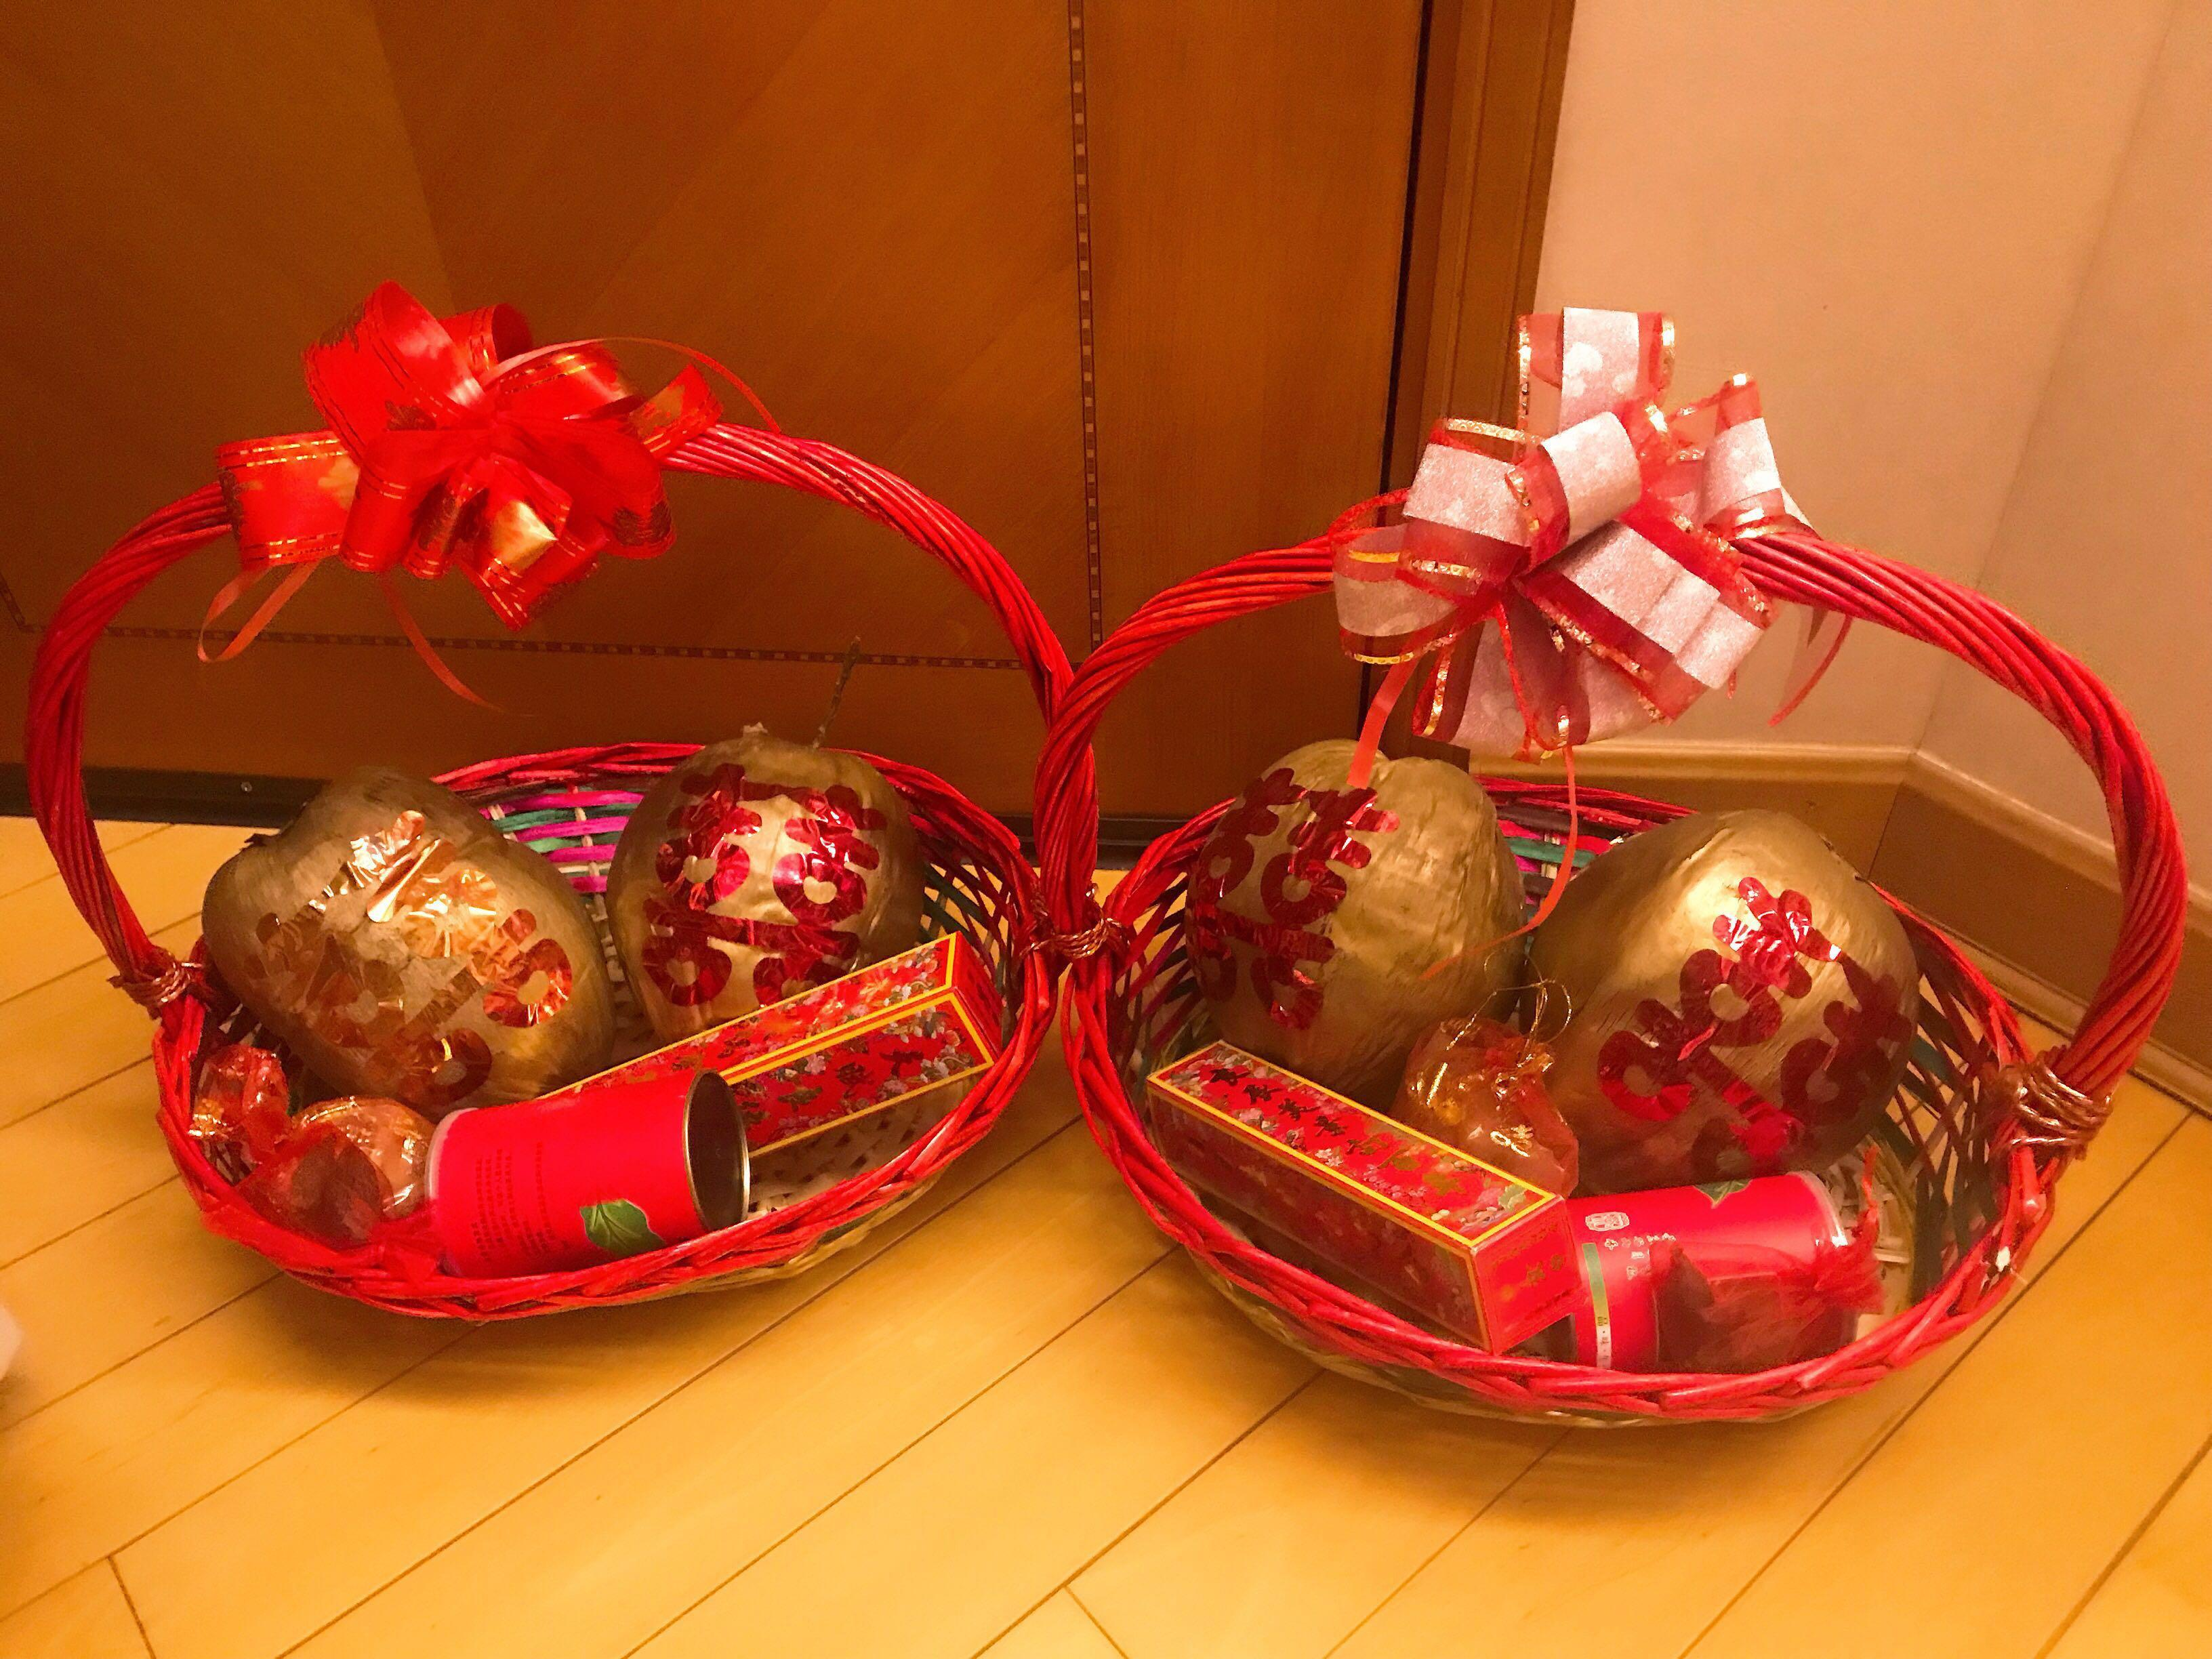 婚禮物資 過大禮 籃子 金椰子 茶葉 四京果 檳榔 男女對聯